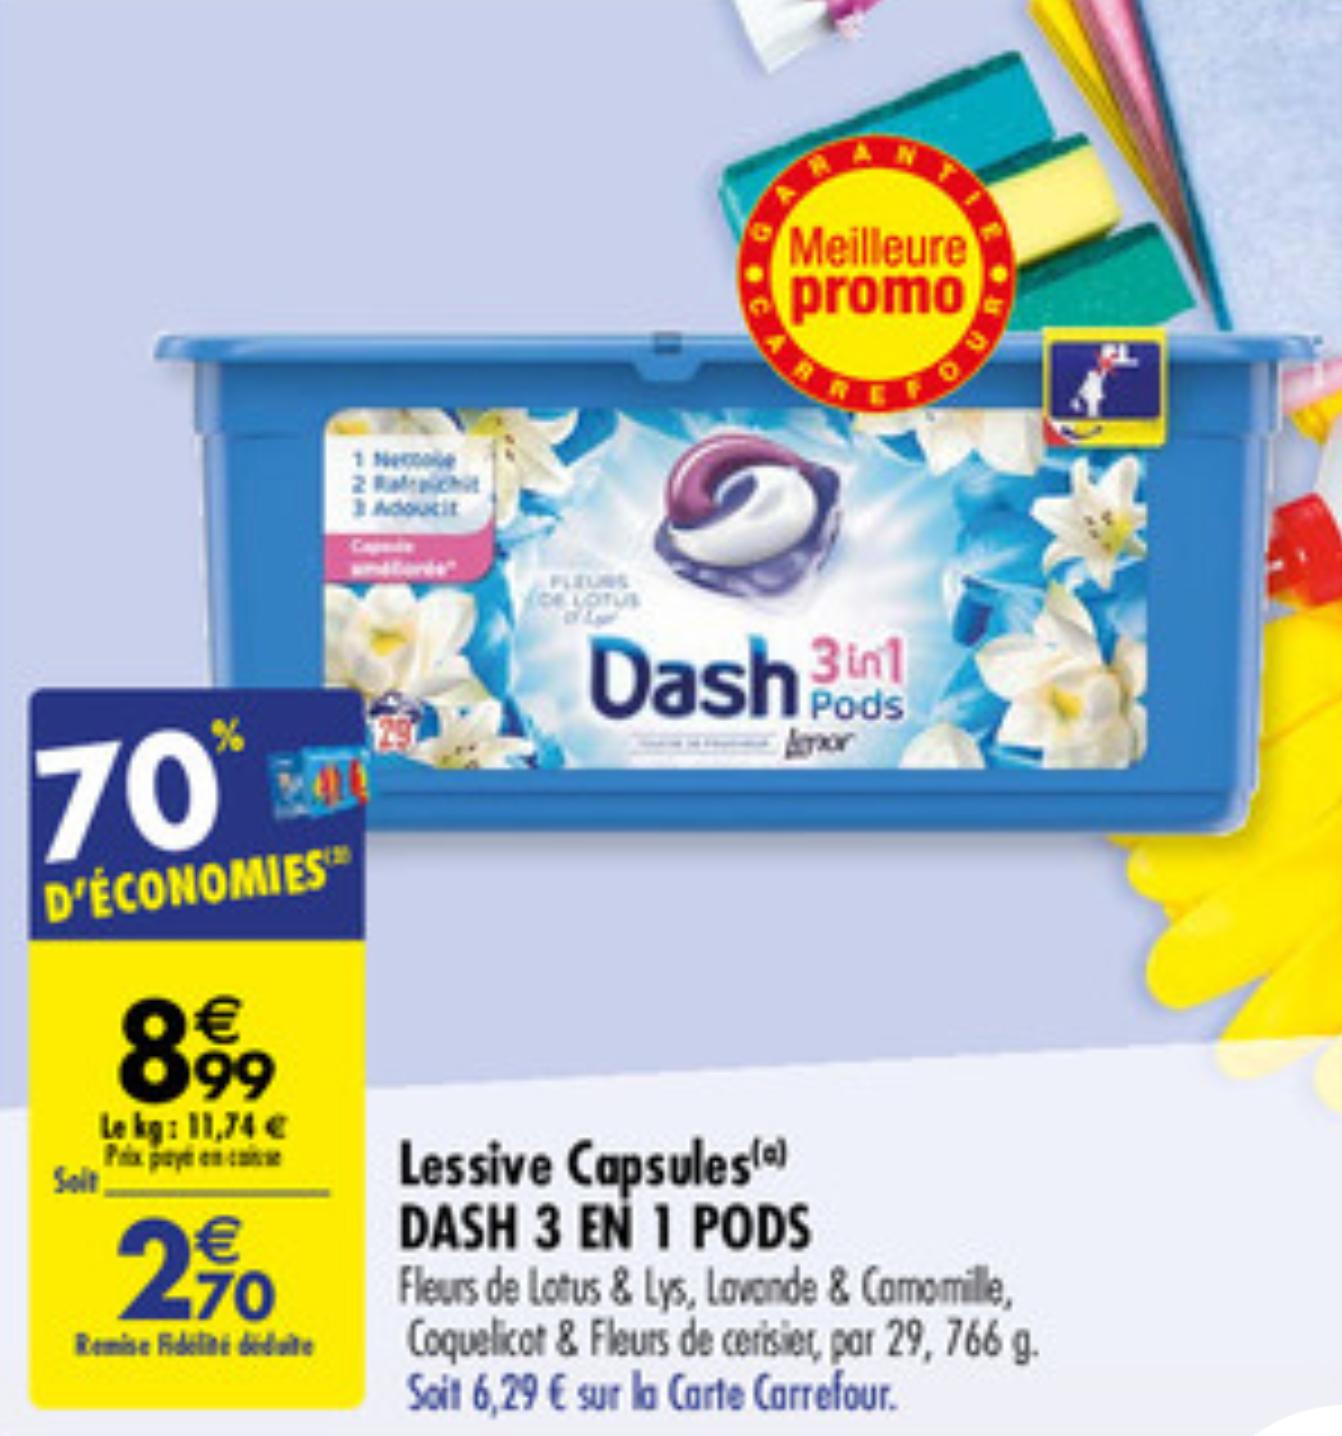 Pack de capsules Dash 3 en 1 Pods (avec 70% sur la carte)